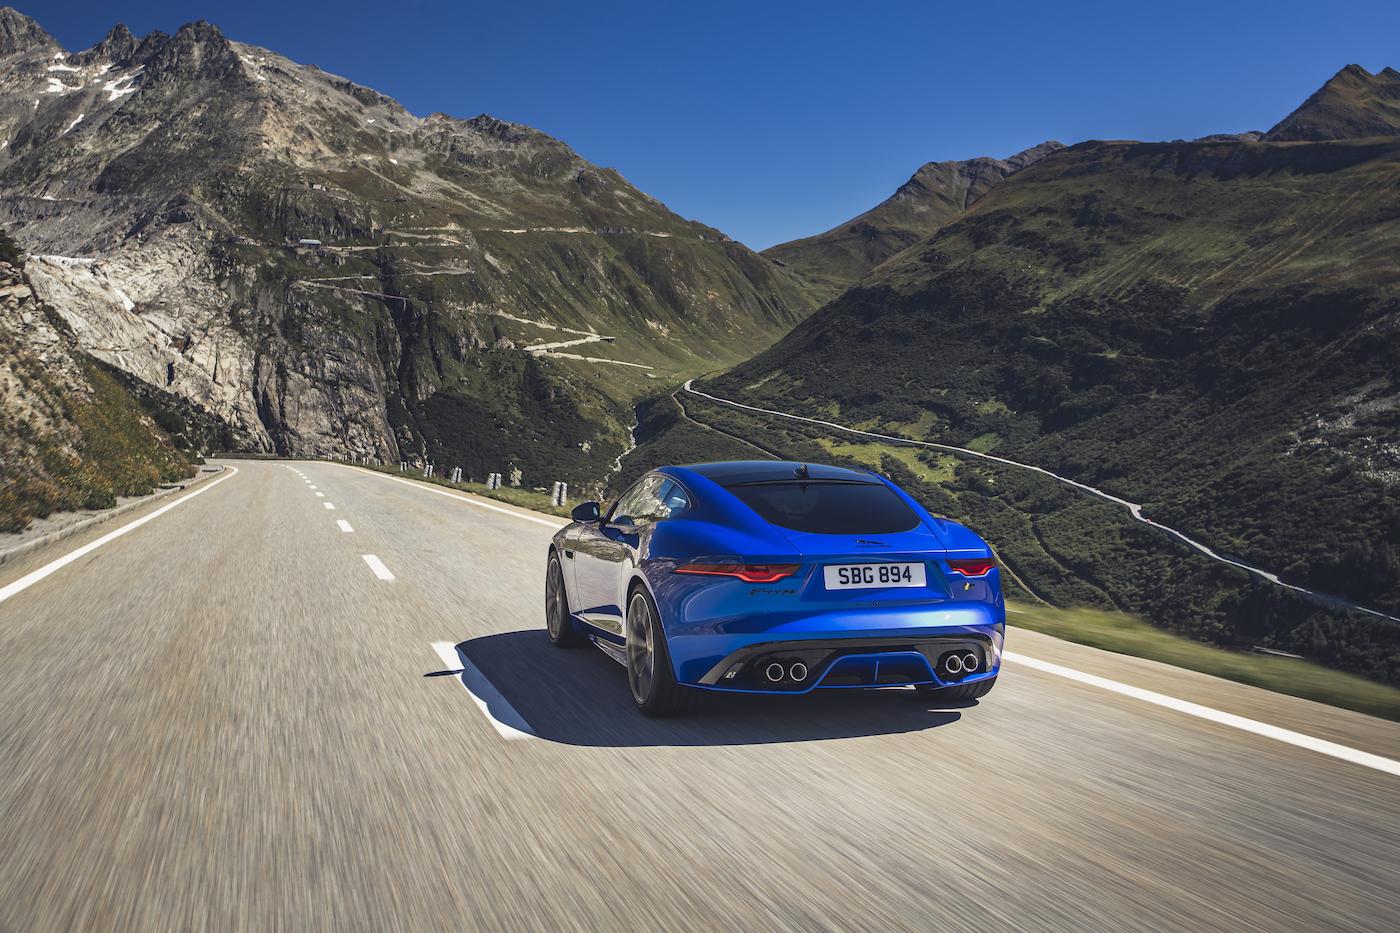 Weltpremiere: Der neue Jaguar F-TYPE wurde in München vorgestellt 9